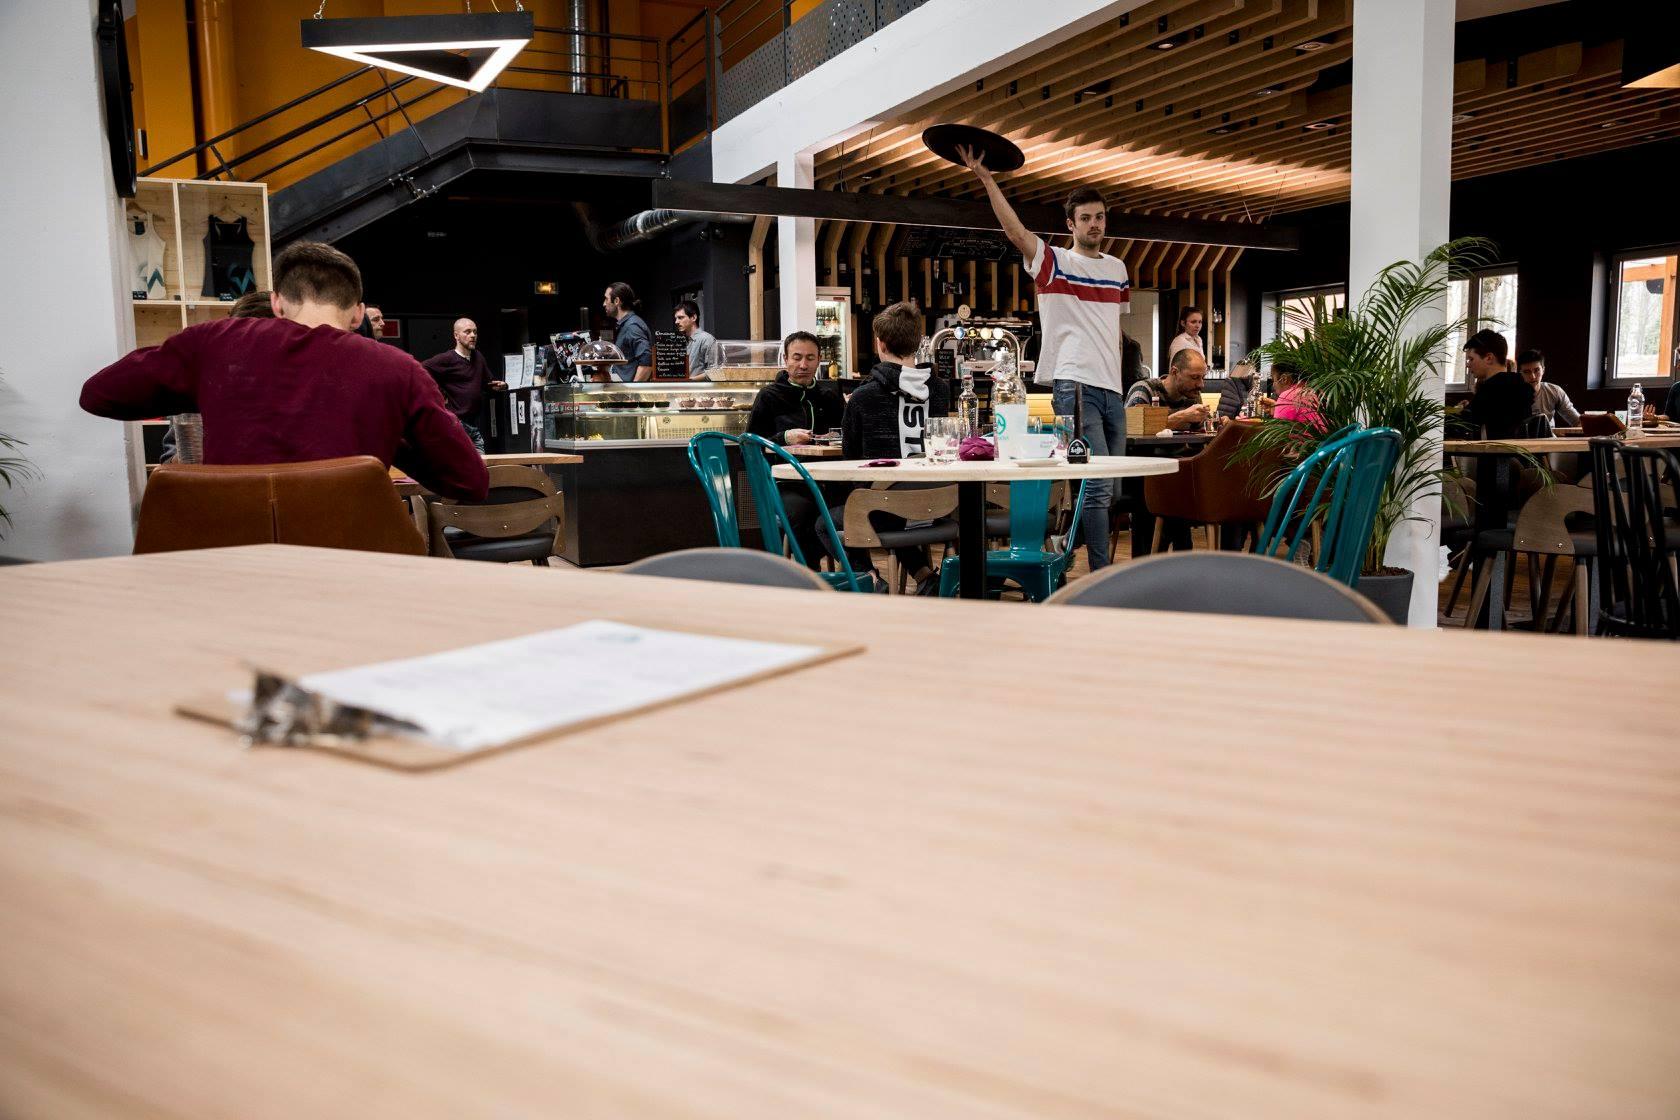 serveur polyvalent escalade restaurant bar offre à pourvoir temps plein